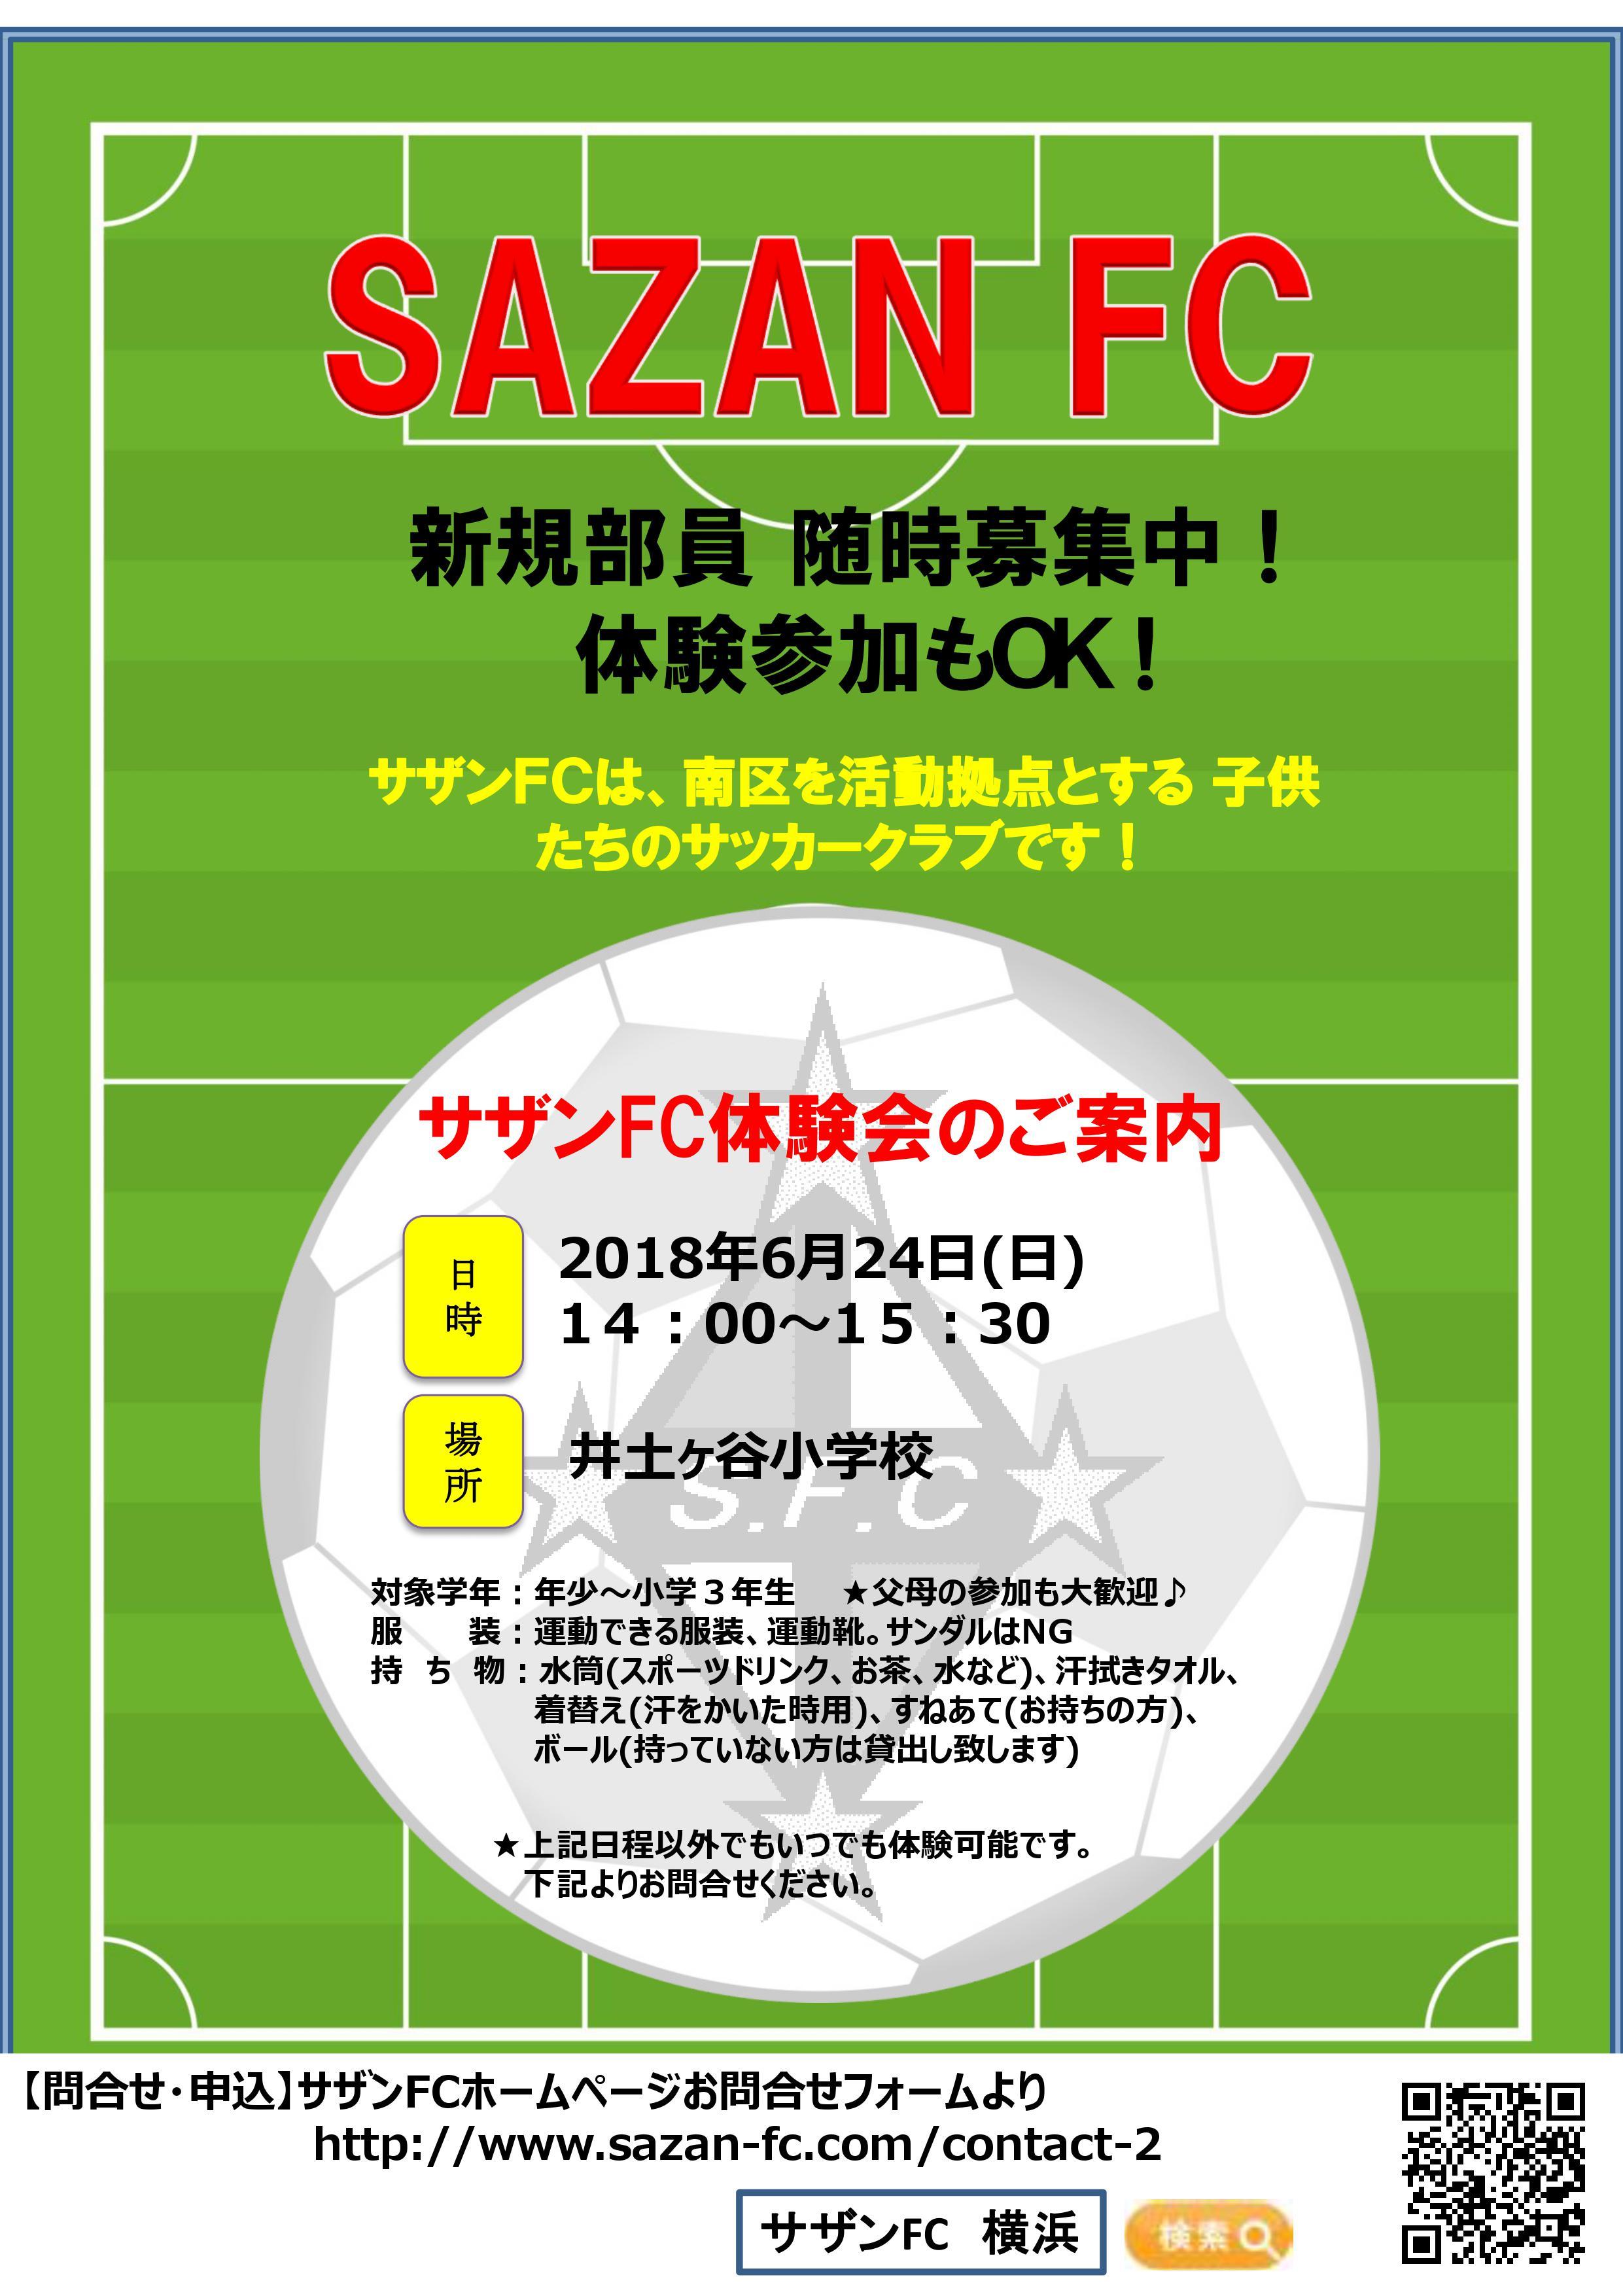 6月24日(日)サザンFC体験会実施!@井土ヶ谷小